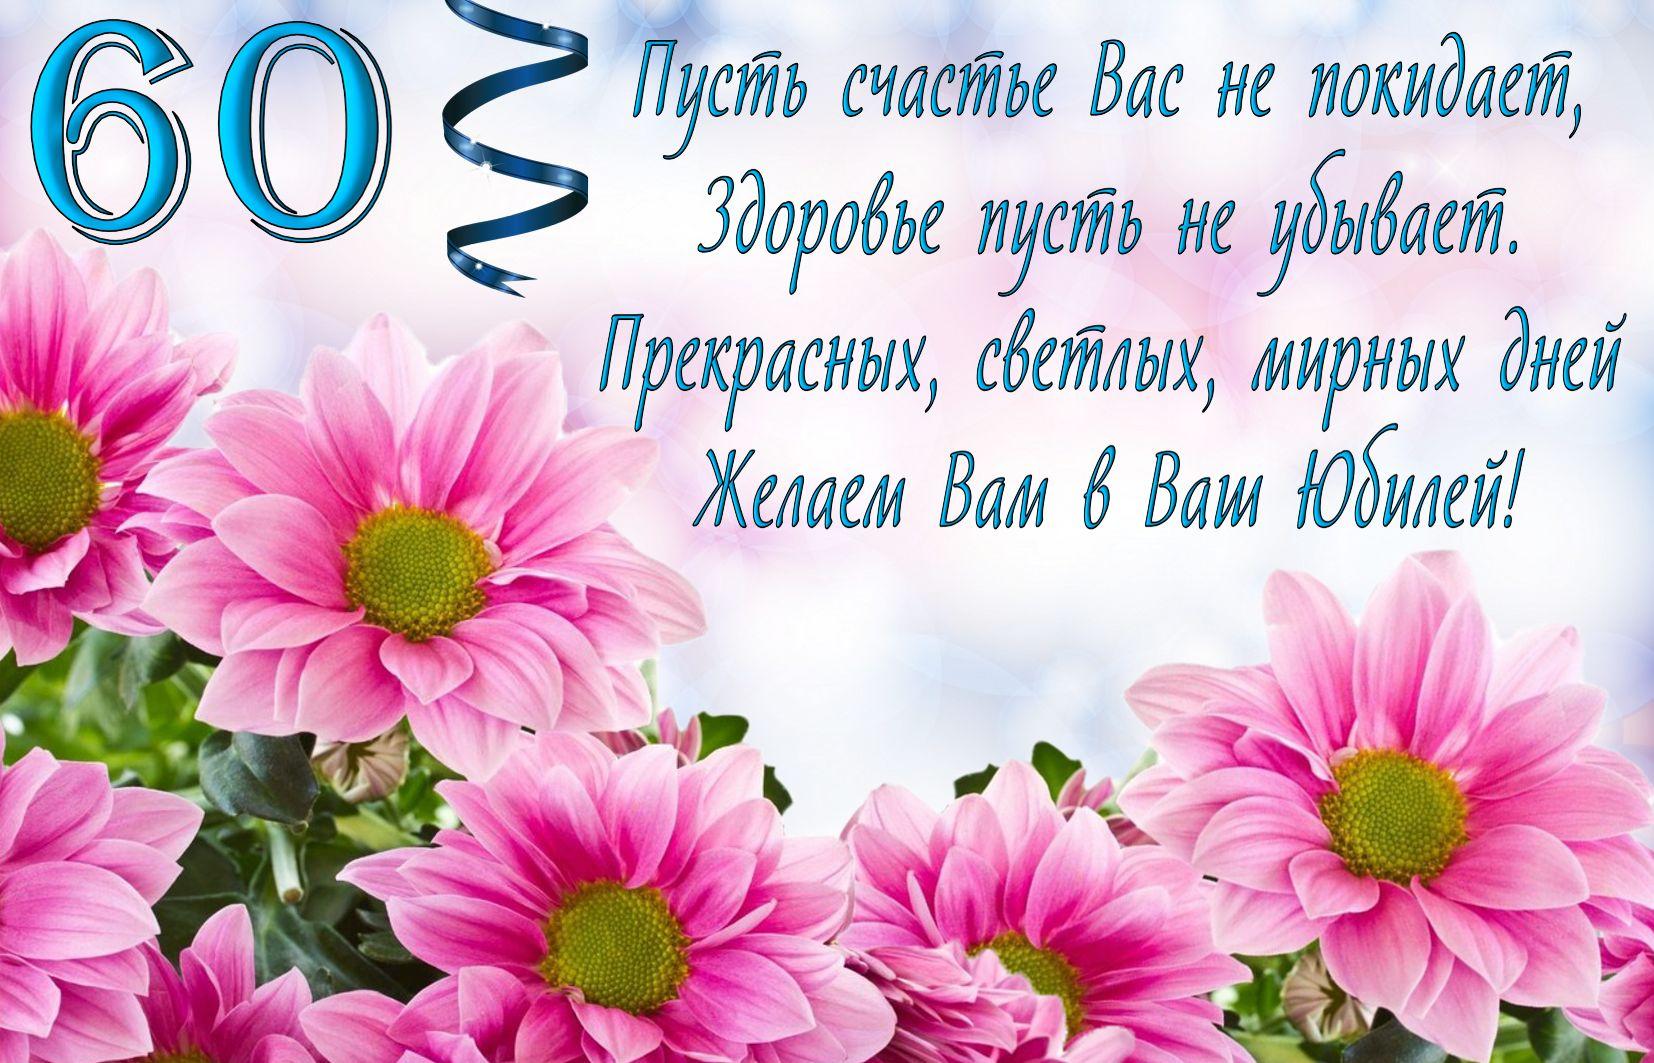 Открытка с розовыми цветами и пожеланием